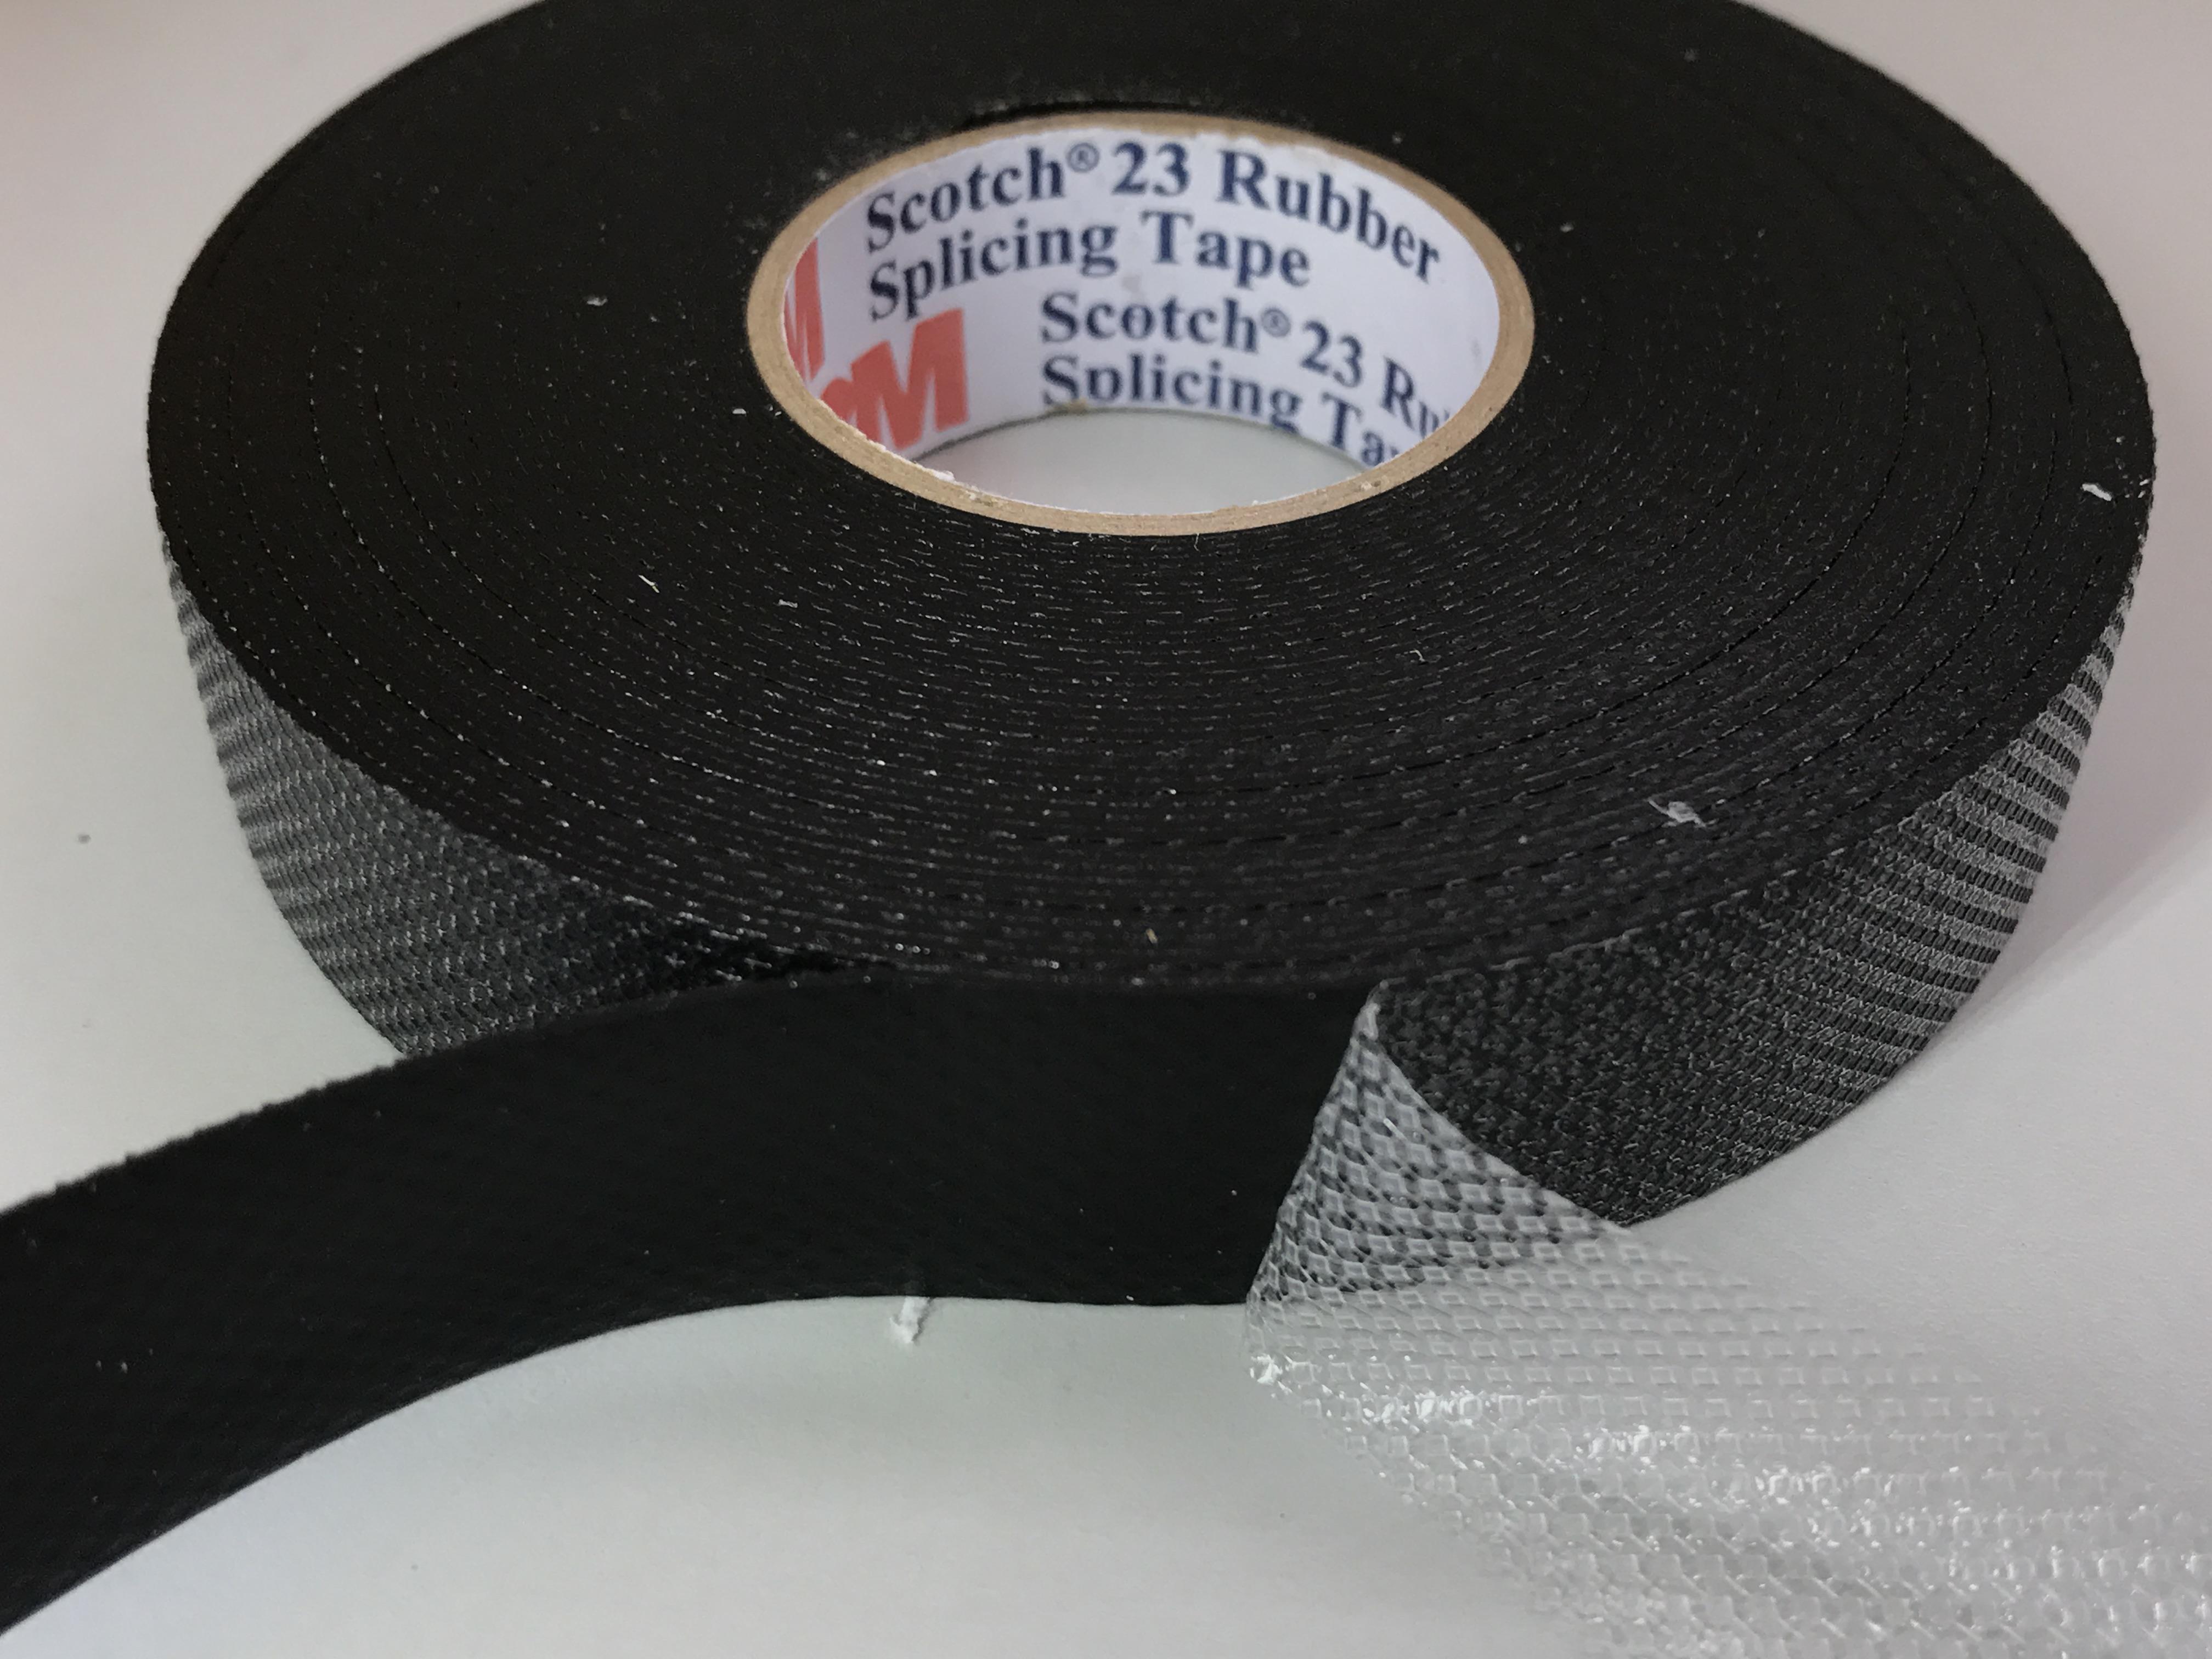 Scotch 23 Rubber Splicing Self Fusing Tape